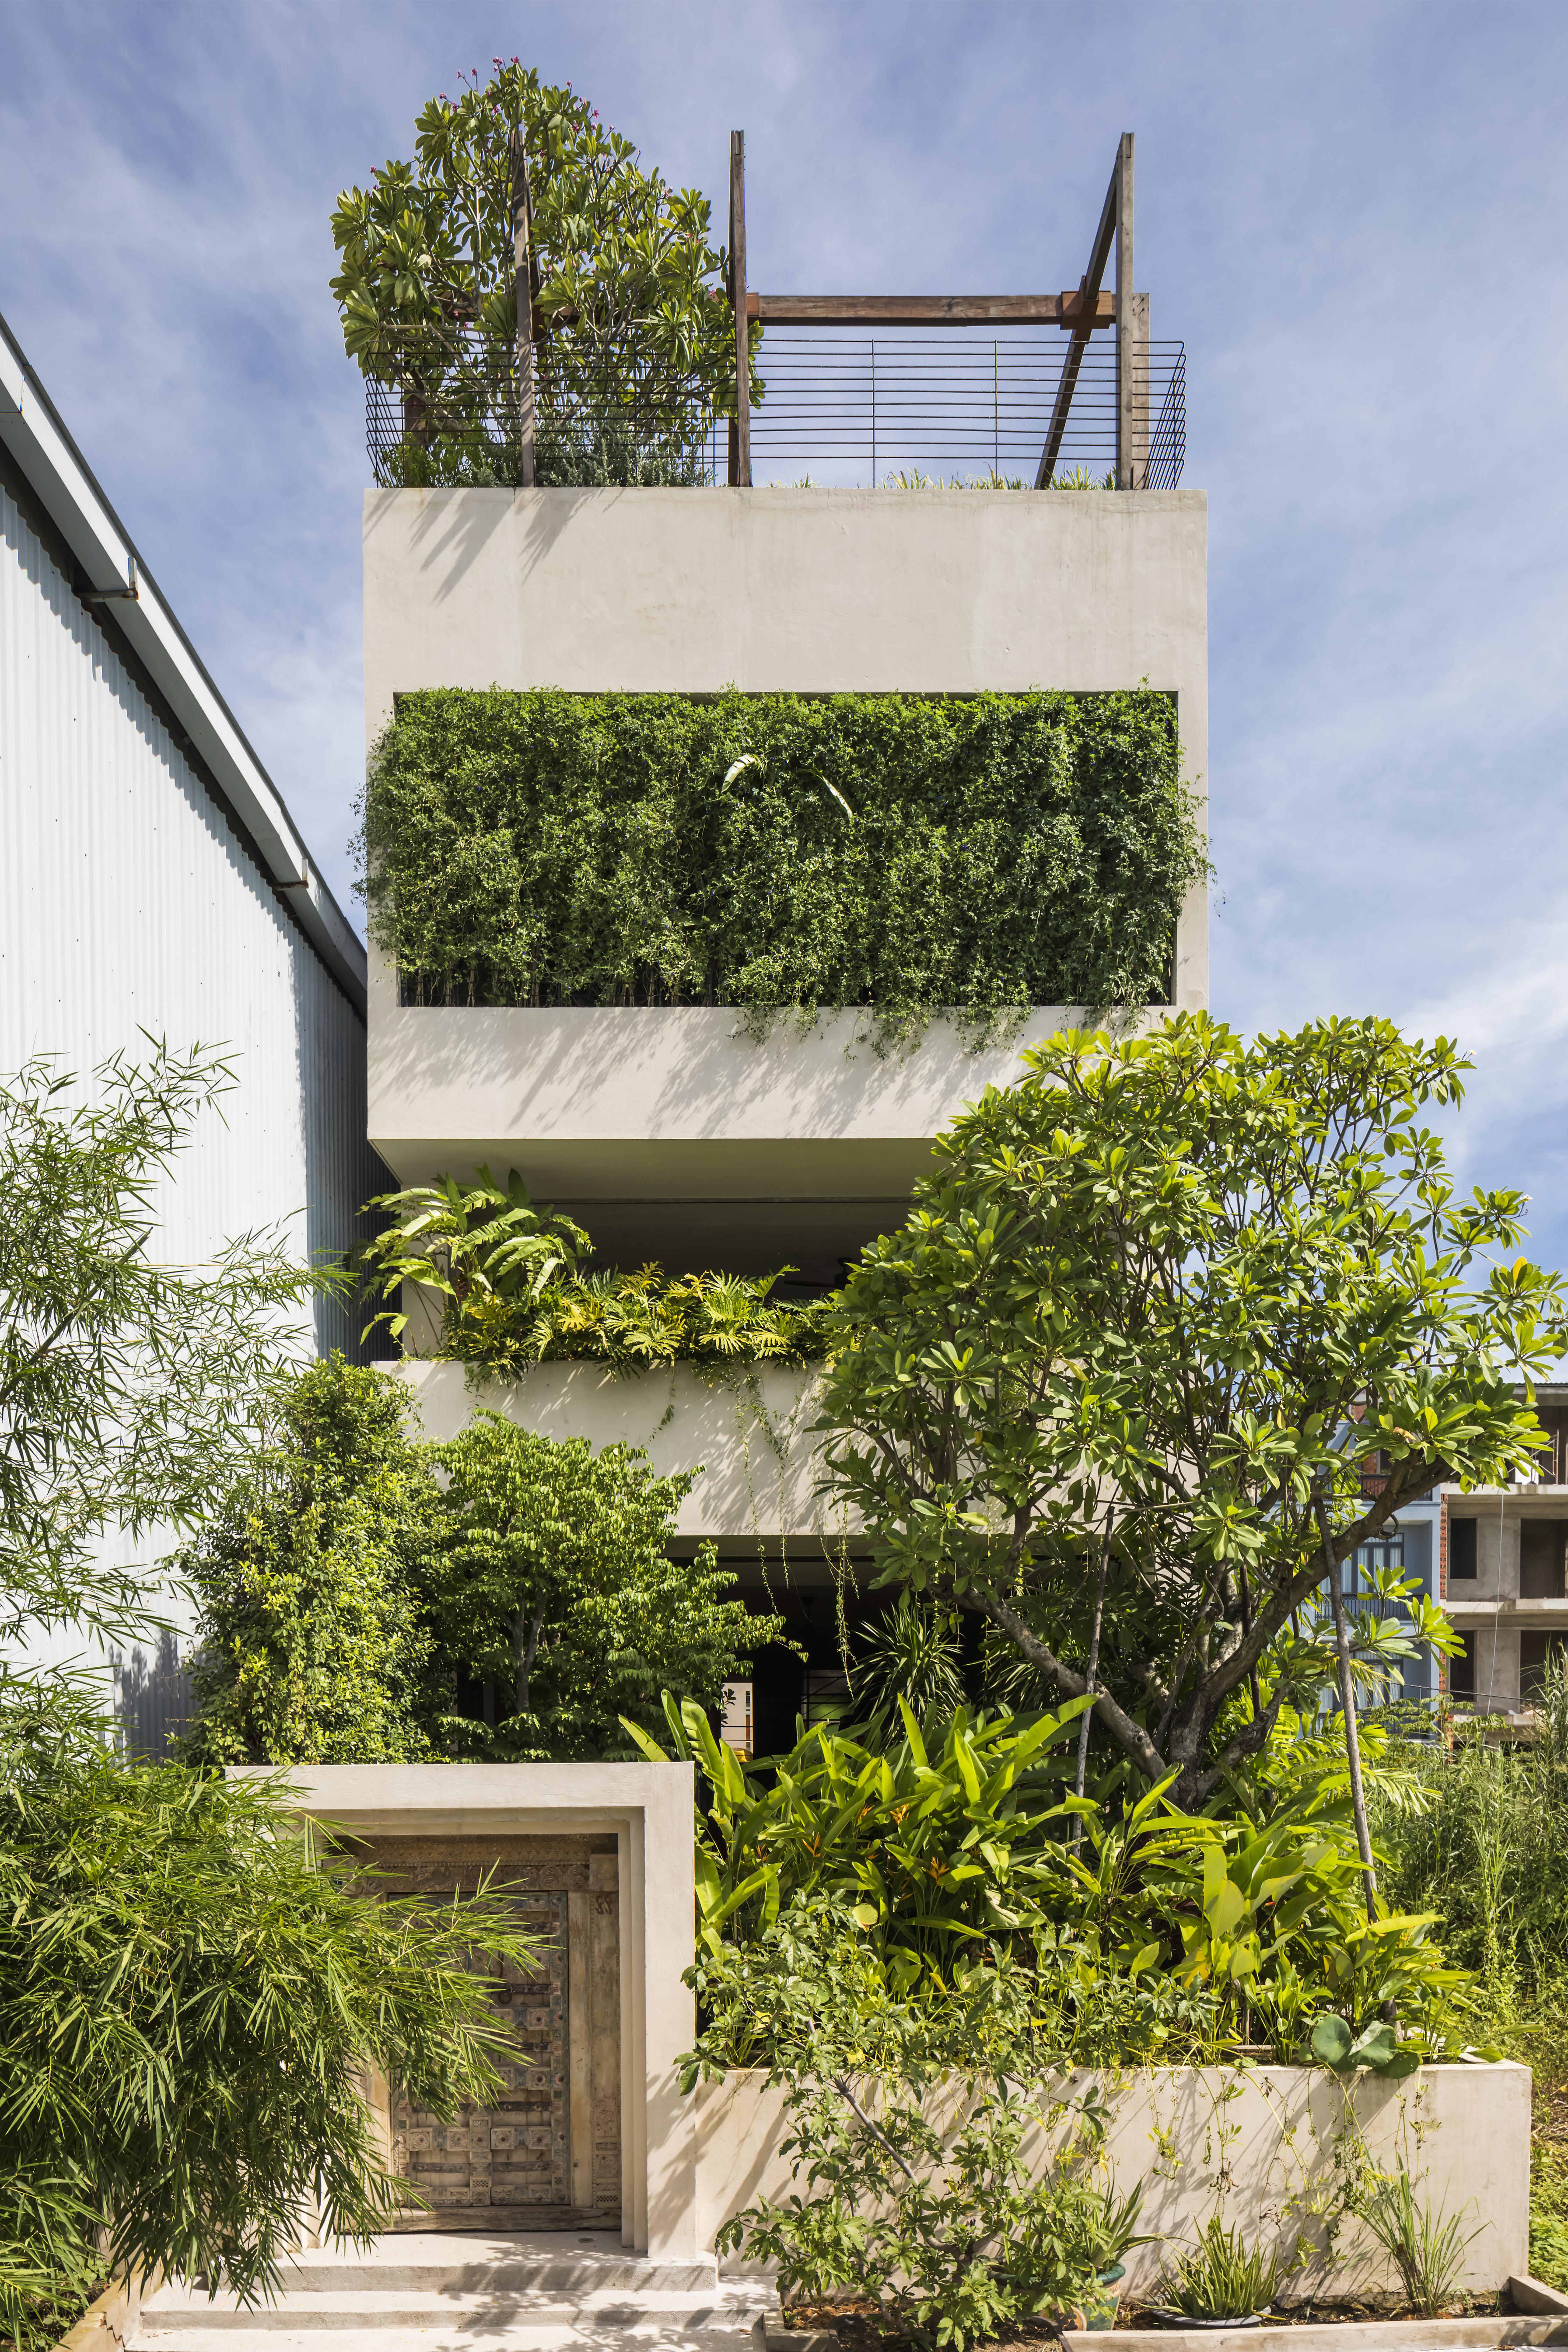 Edifício de concreto em Hanói.